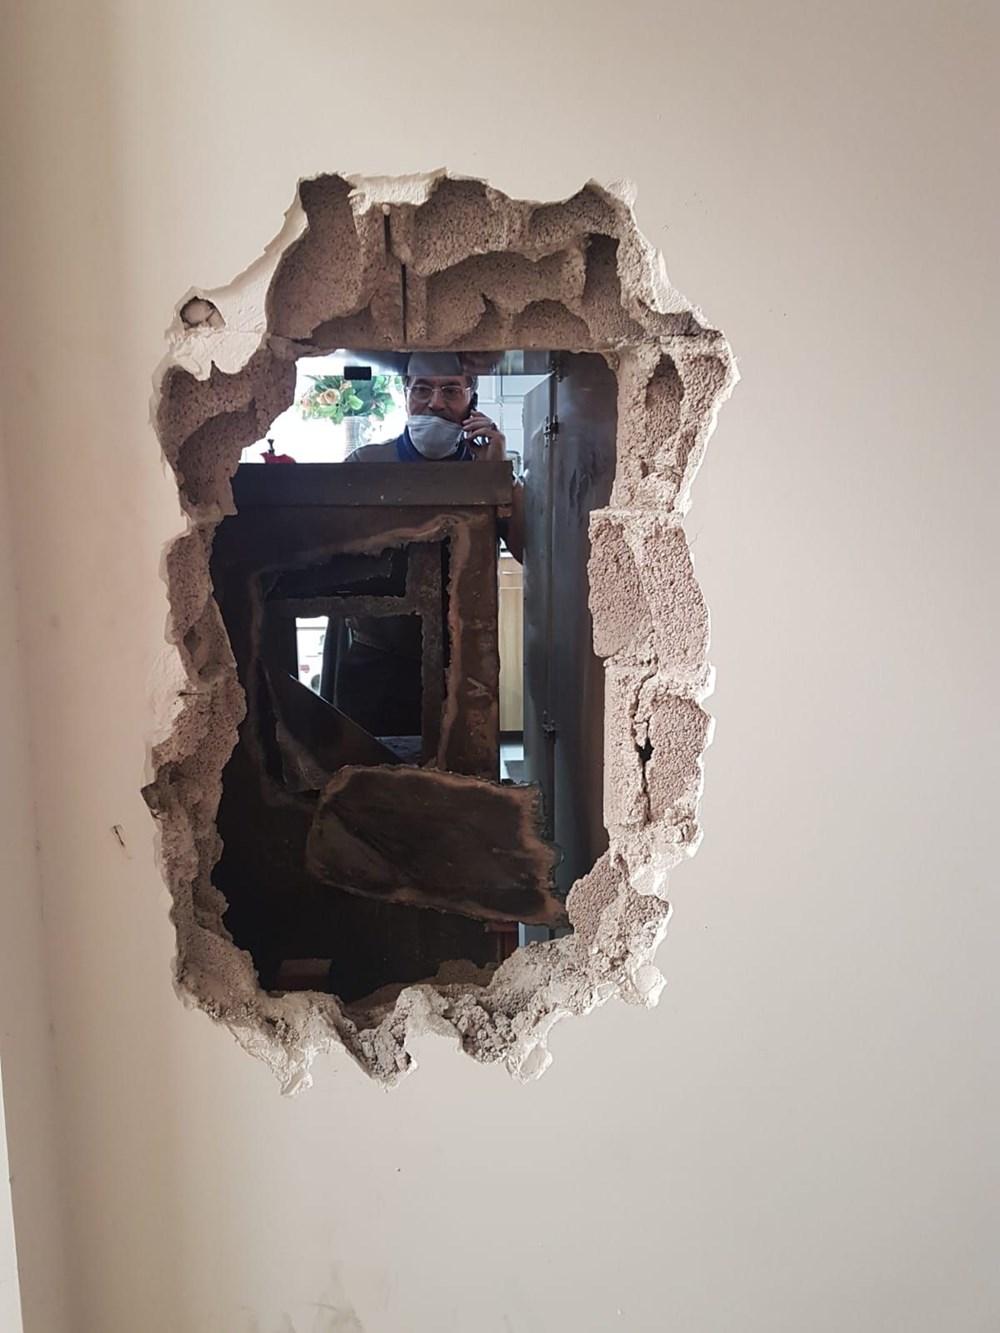 Maskeyle geldiler duvarı kırıp girdikleri kuyumcuyu soydular - 4